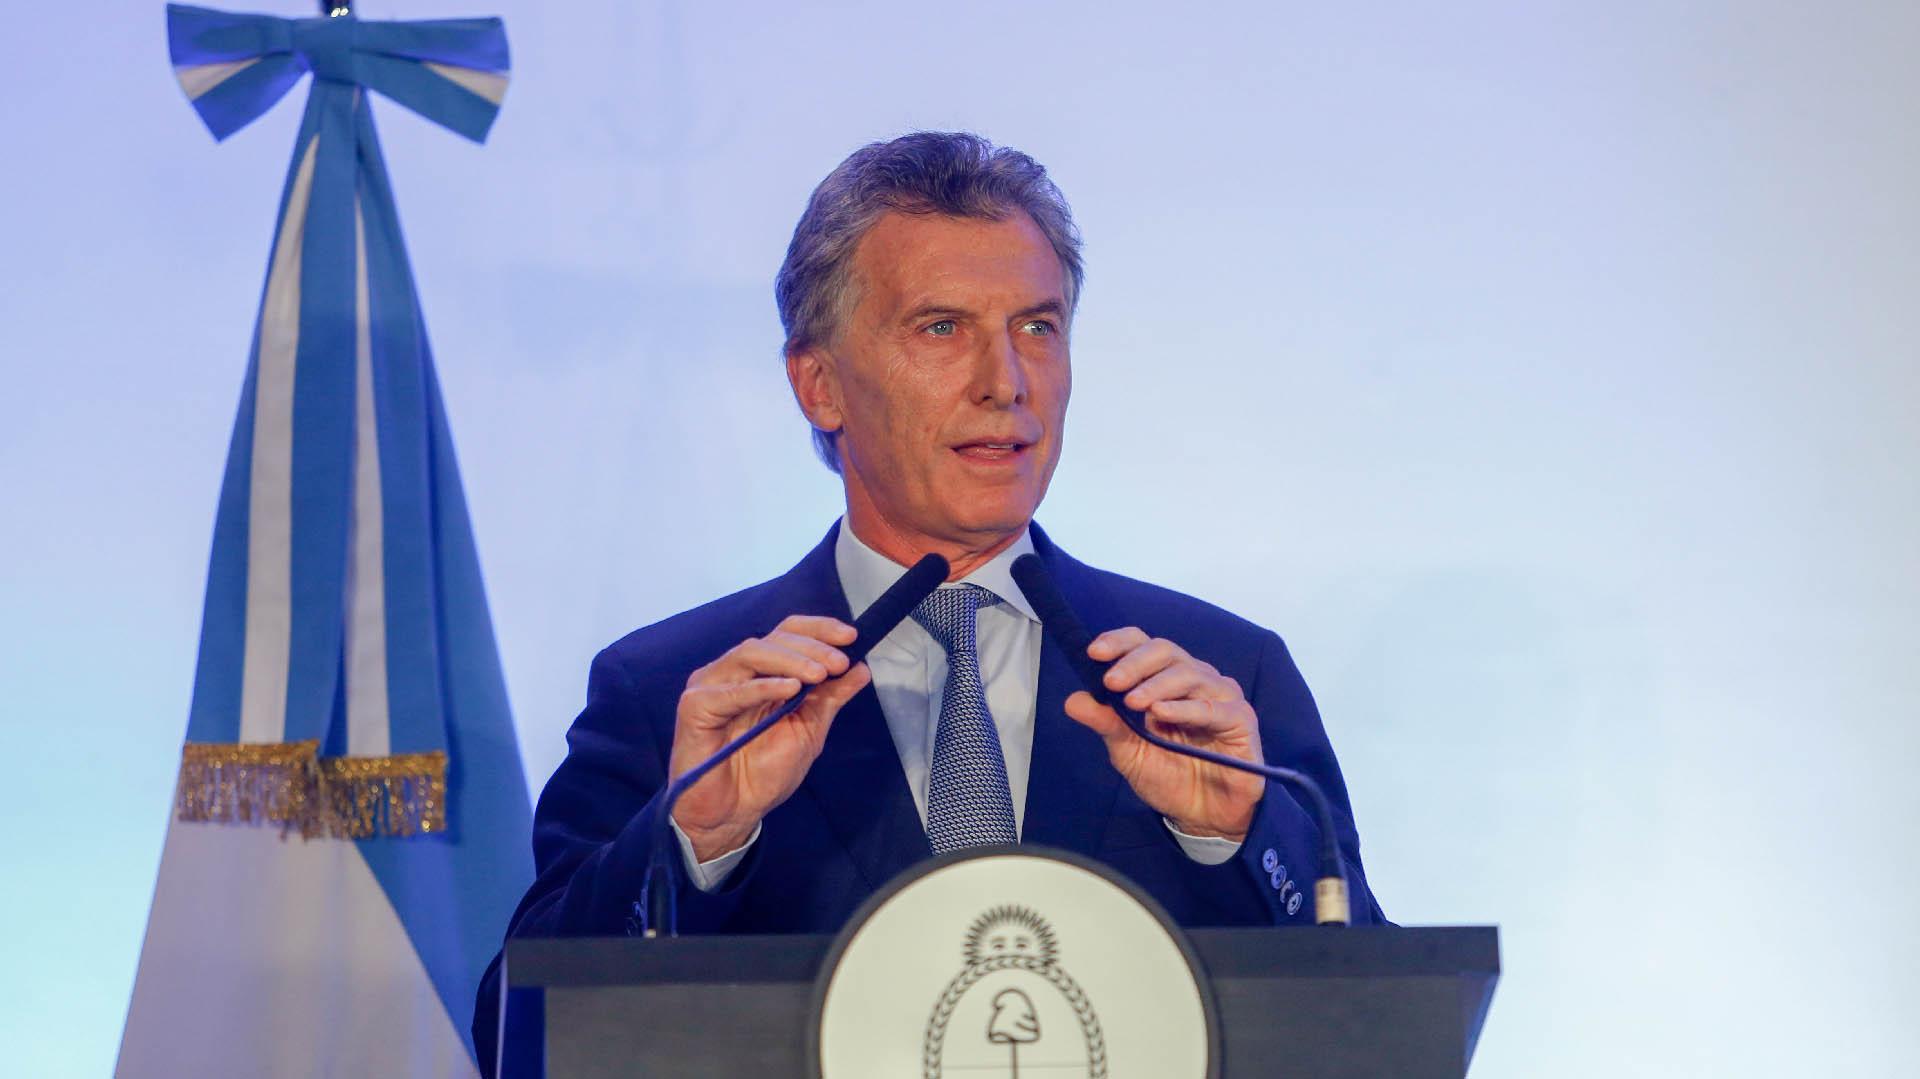 El presidente de la Nación, Mauricio Macri (Nicolás Aboaf)